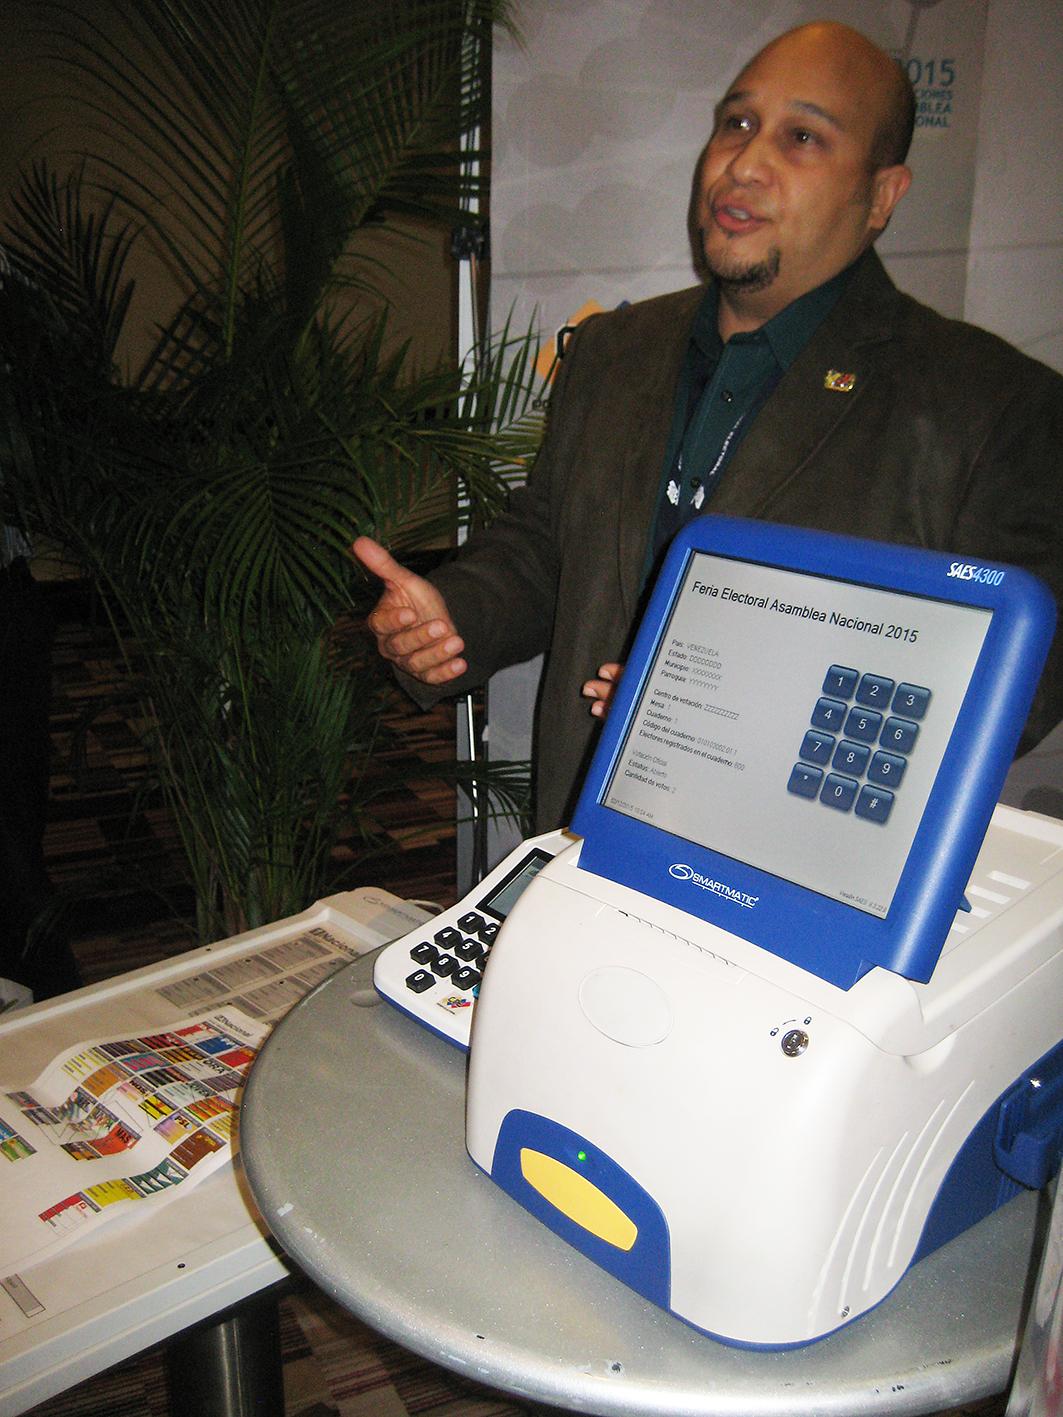 Valledsagarna får en utbildning i hur valautomaterna och valsystemet fungerar i Venezuela. Foto: Eva Björklund